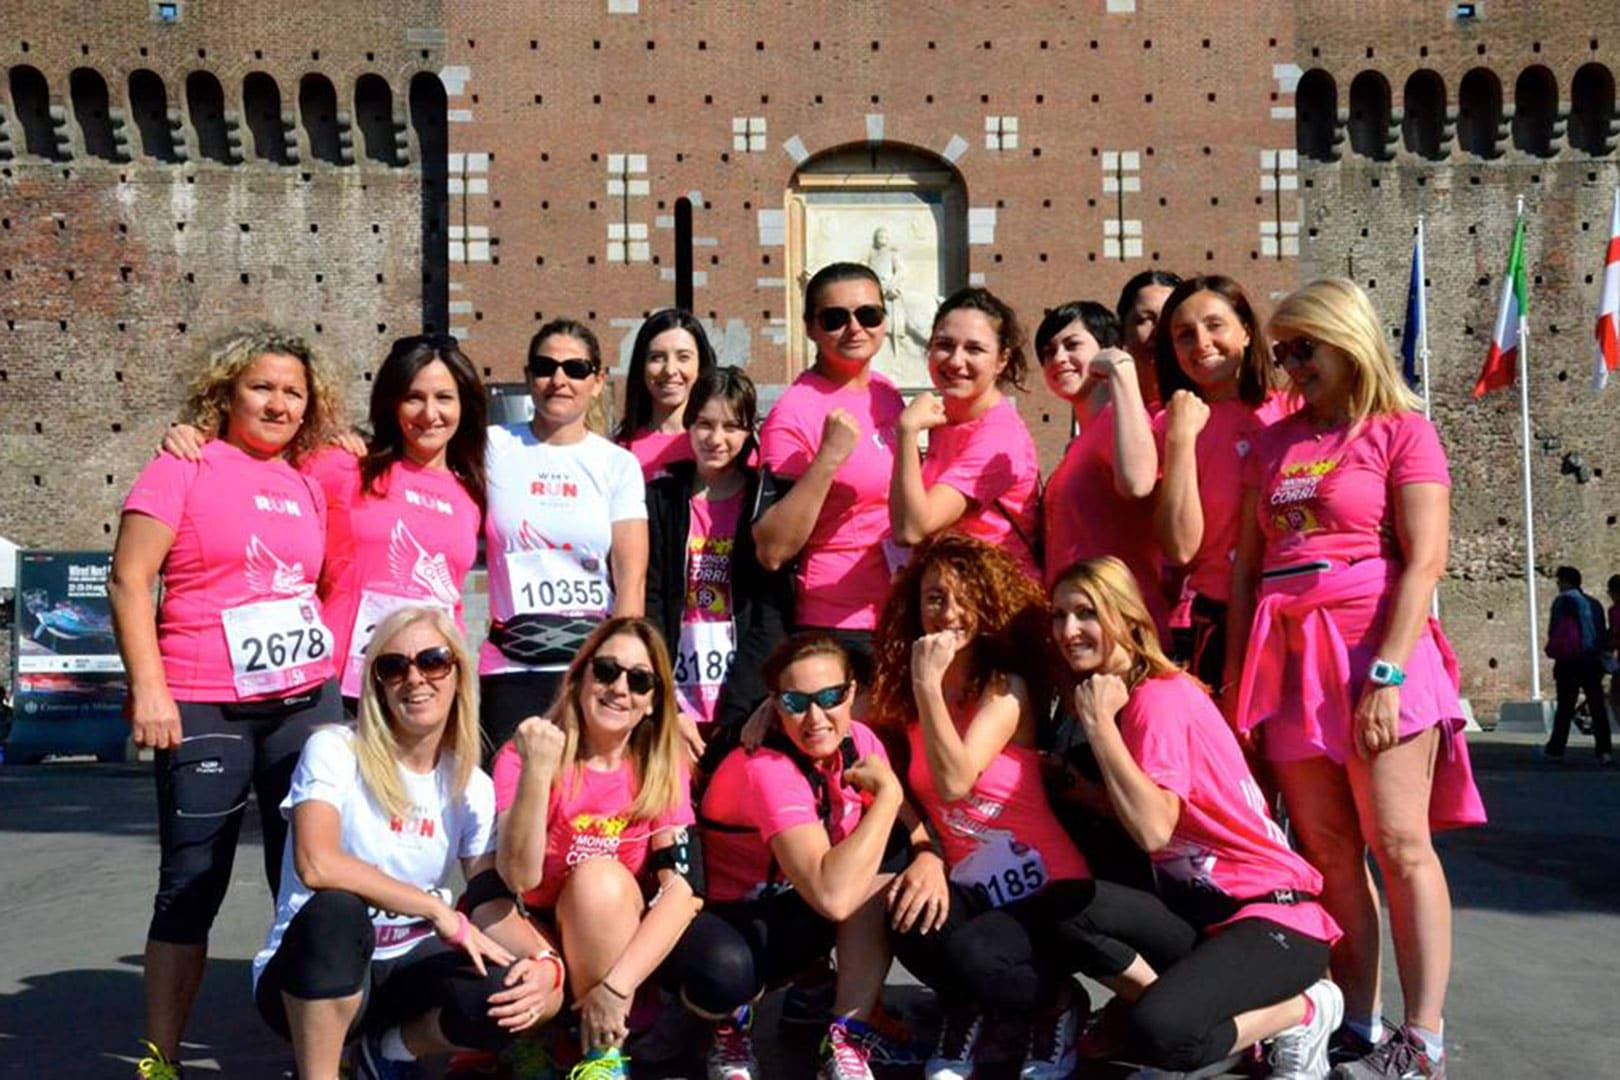 Women In Run